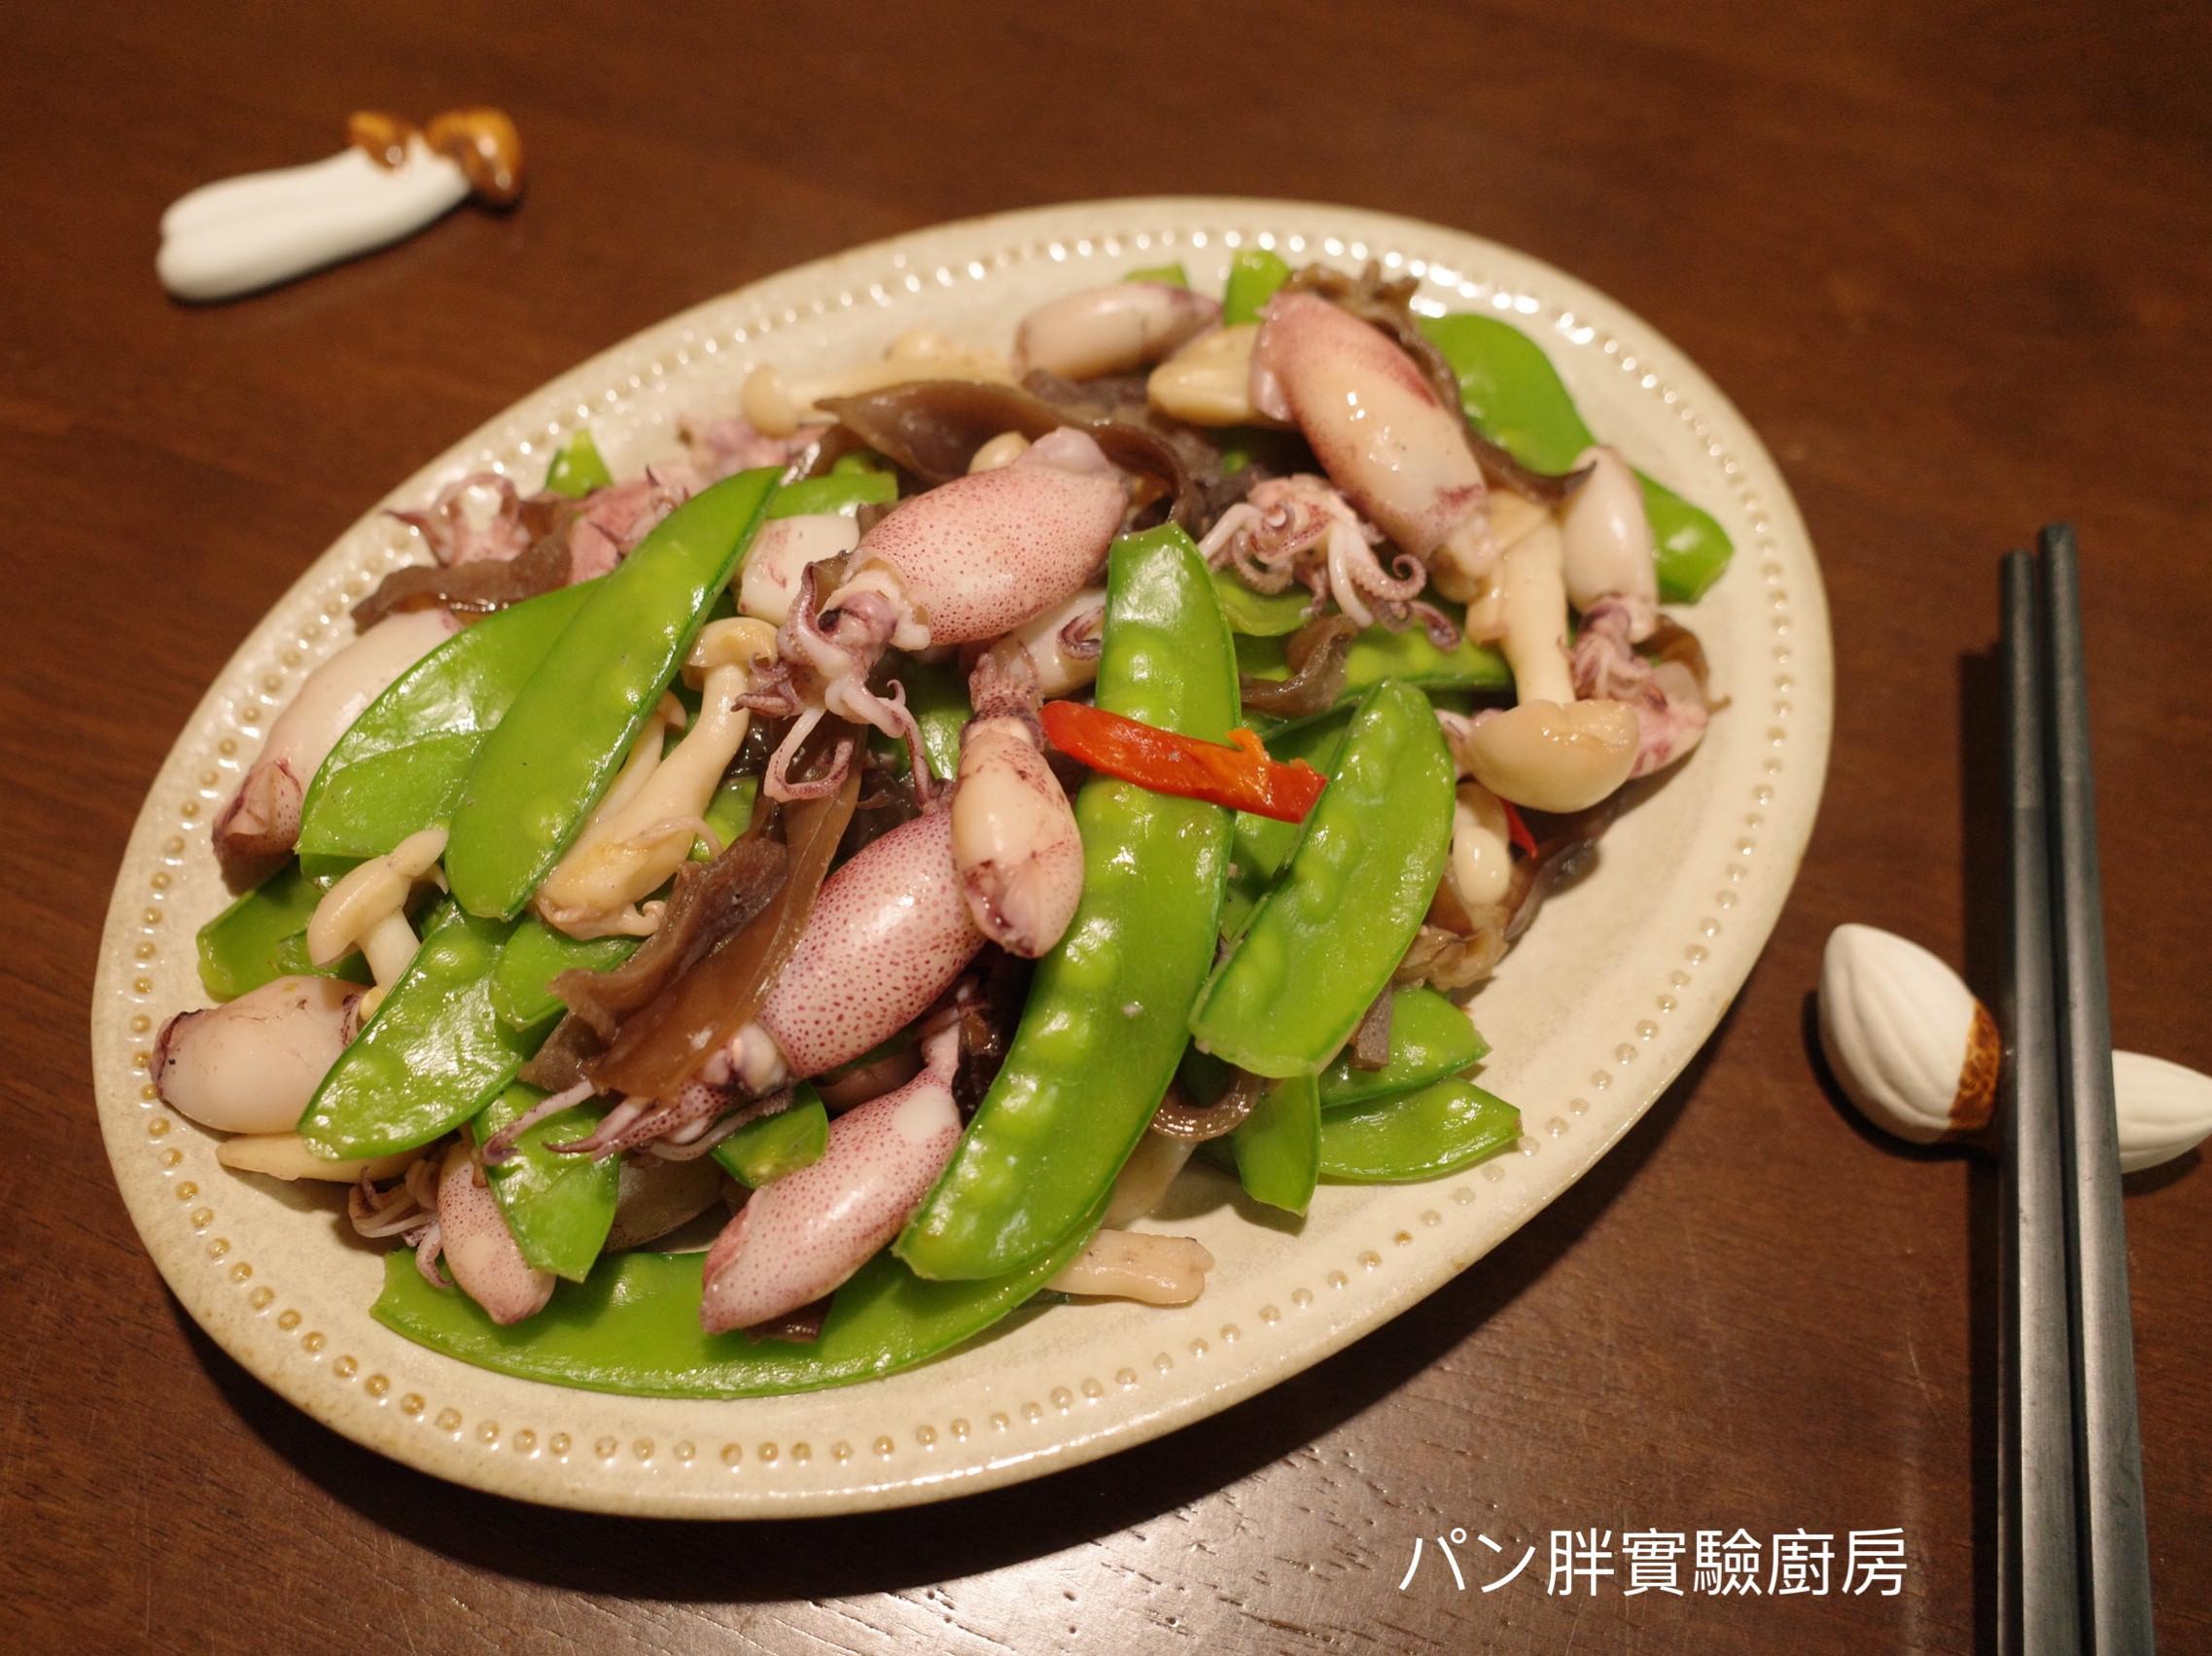 荷蘭豆鮮菇炒小卷